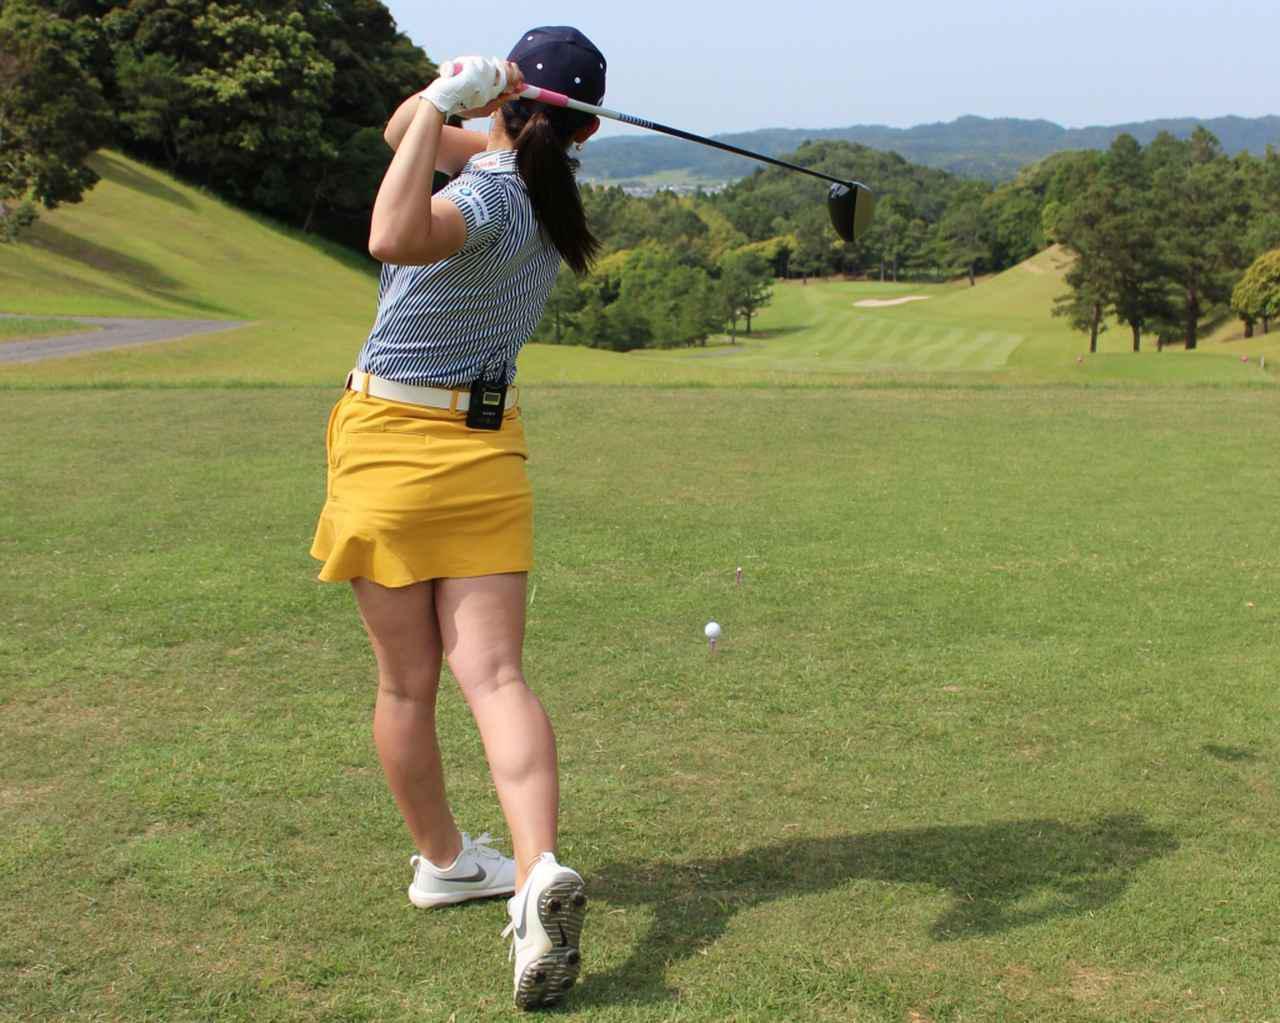 画像: 素振りをする際はボールの後方で、ゆっくりと大きなスウィングアークを心がけてやろう